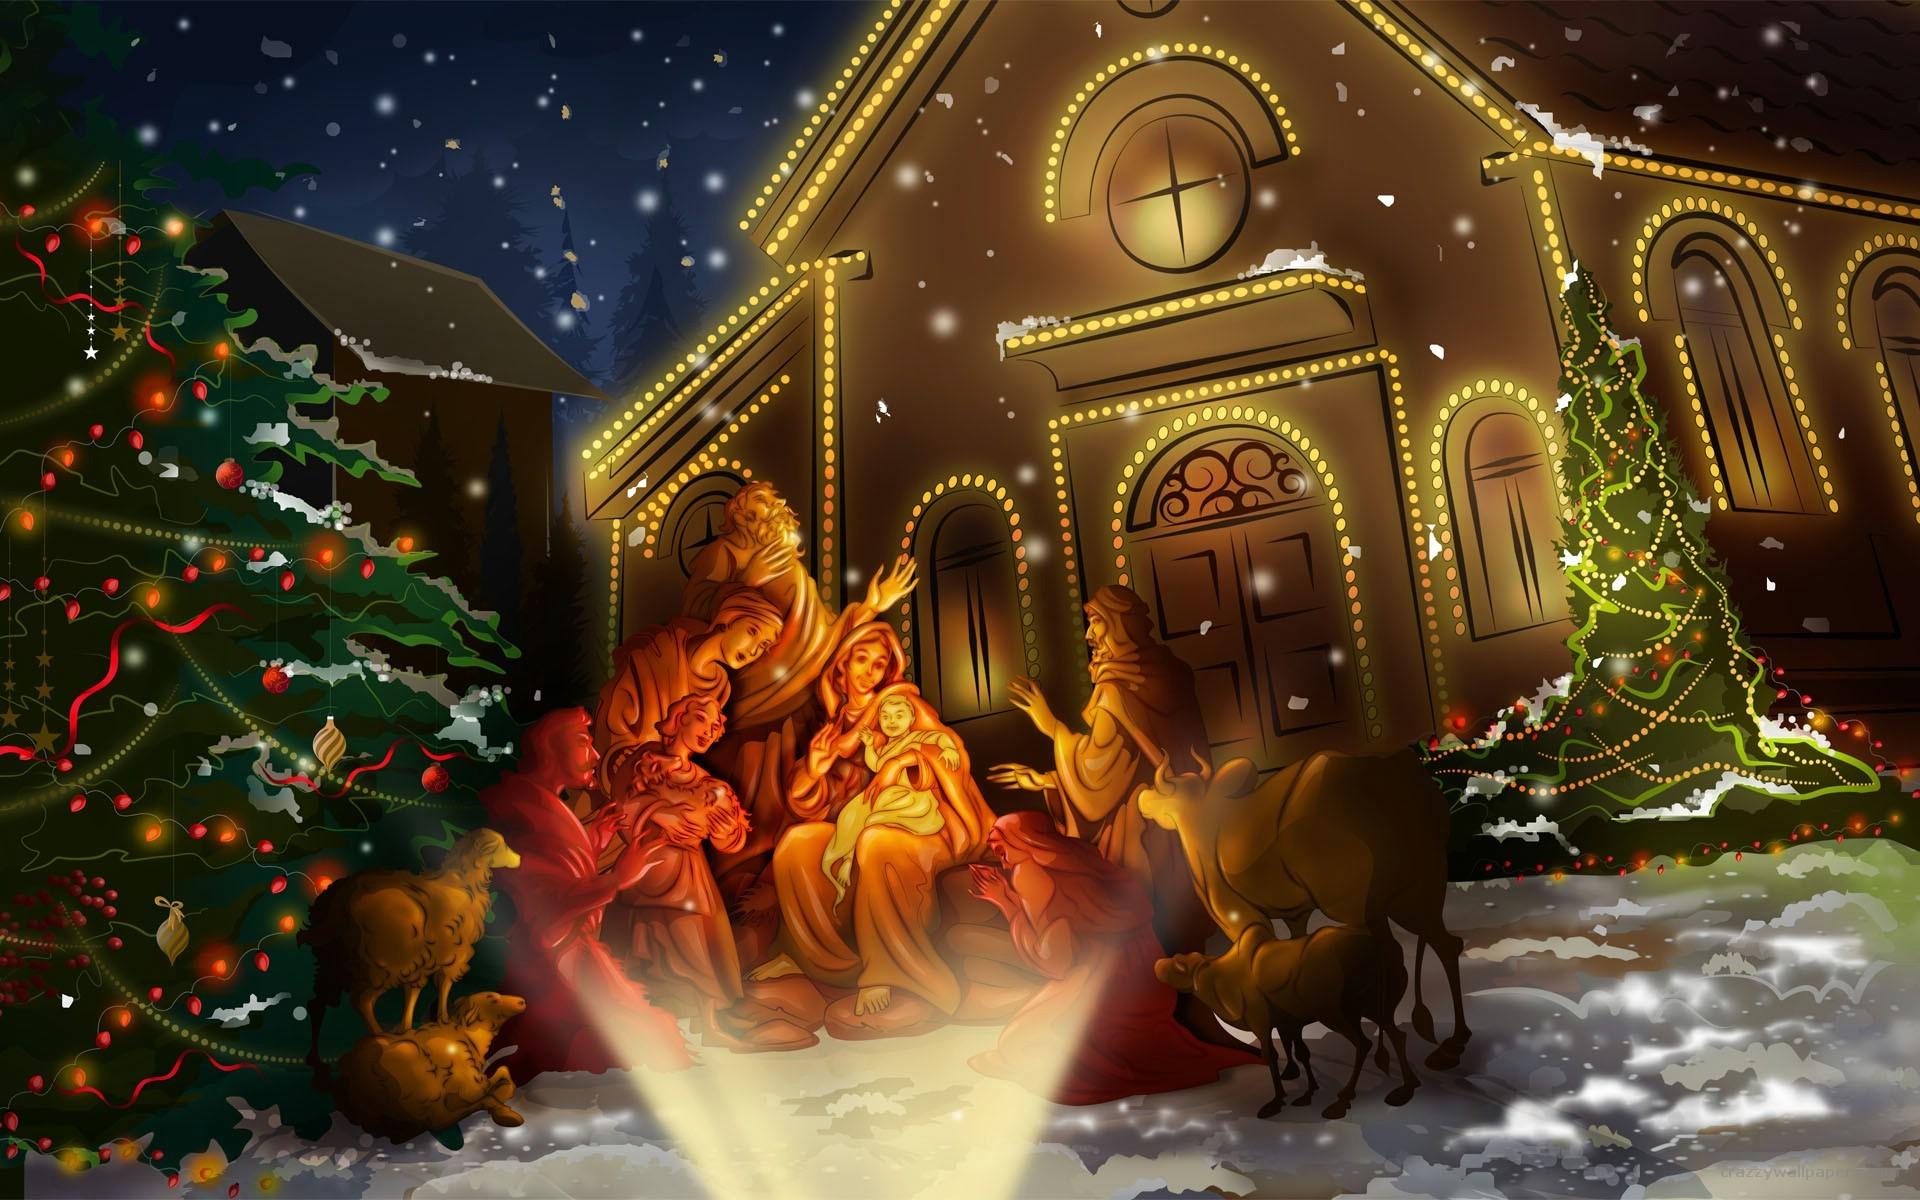 Christmas-Wide-Screen-wallpaper-y.jpg